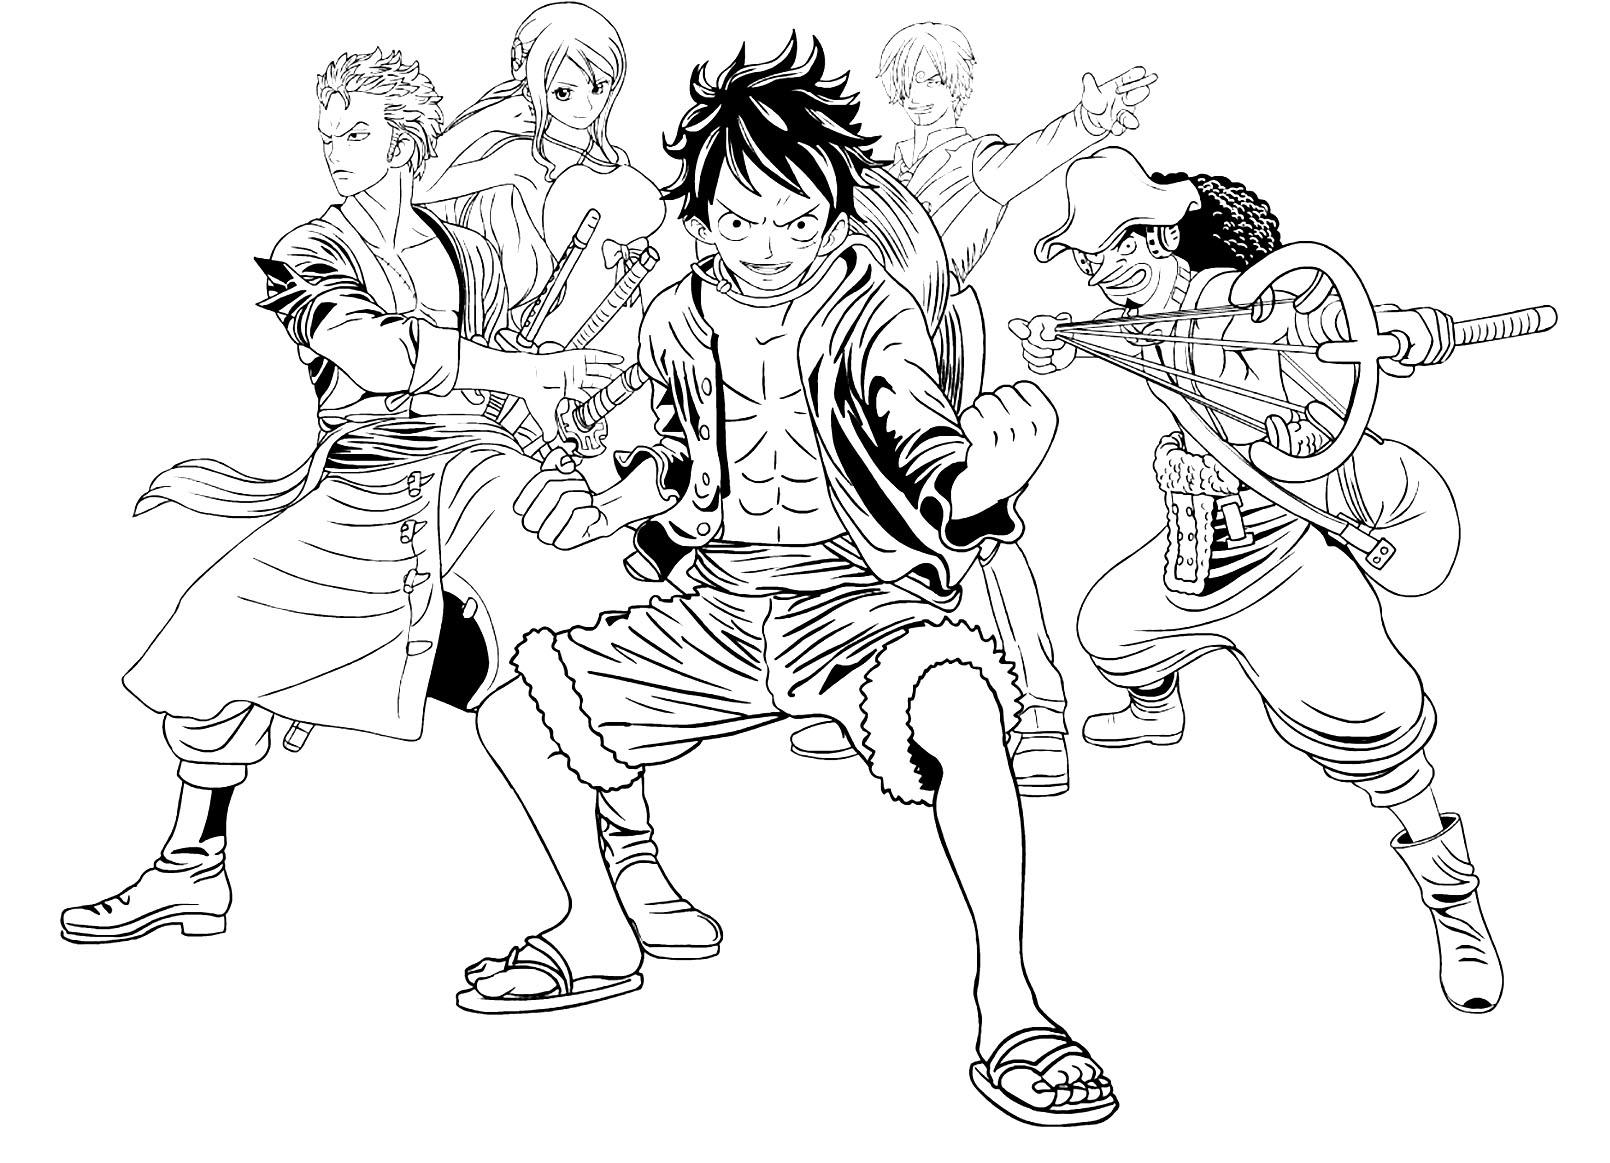 Tranh tô màu những người trong One Piece thật đẹp